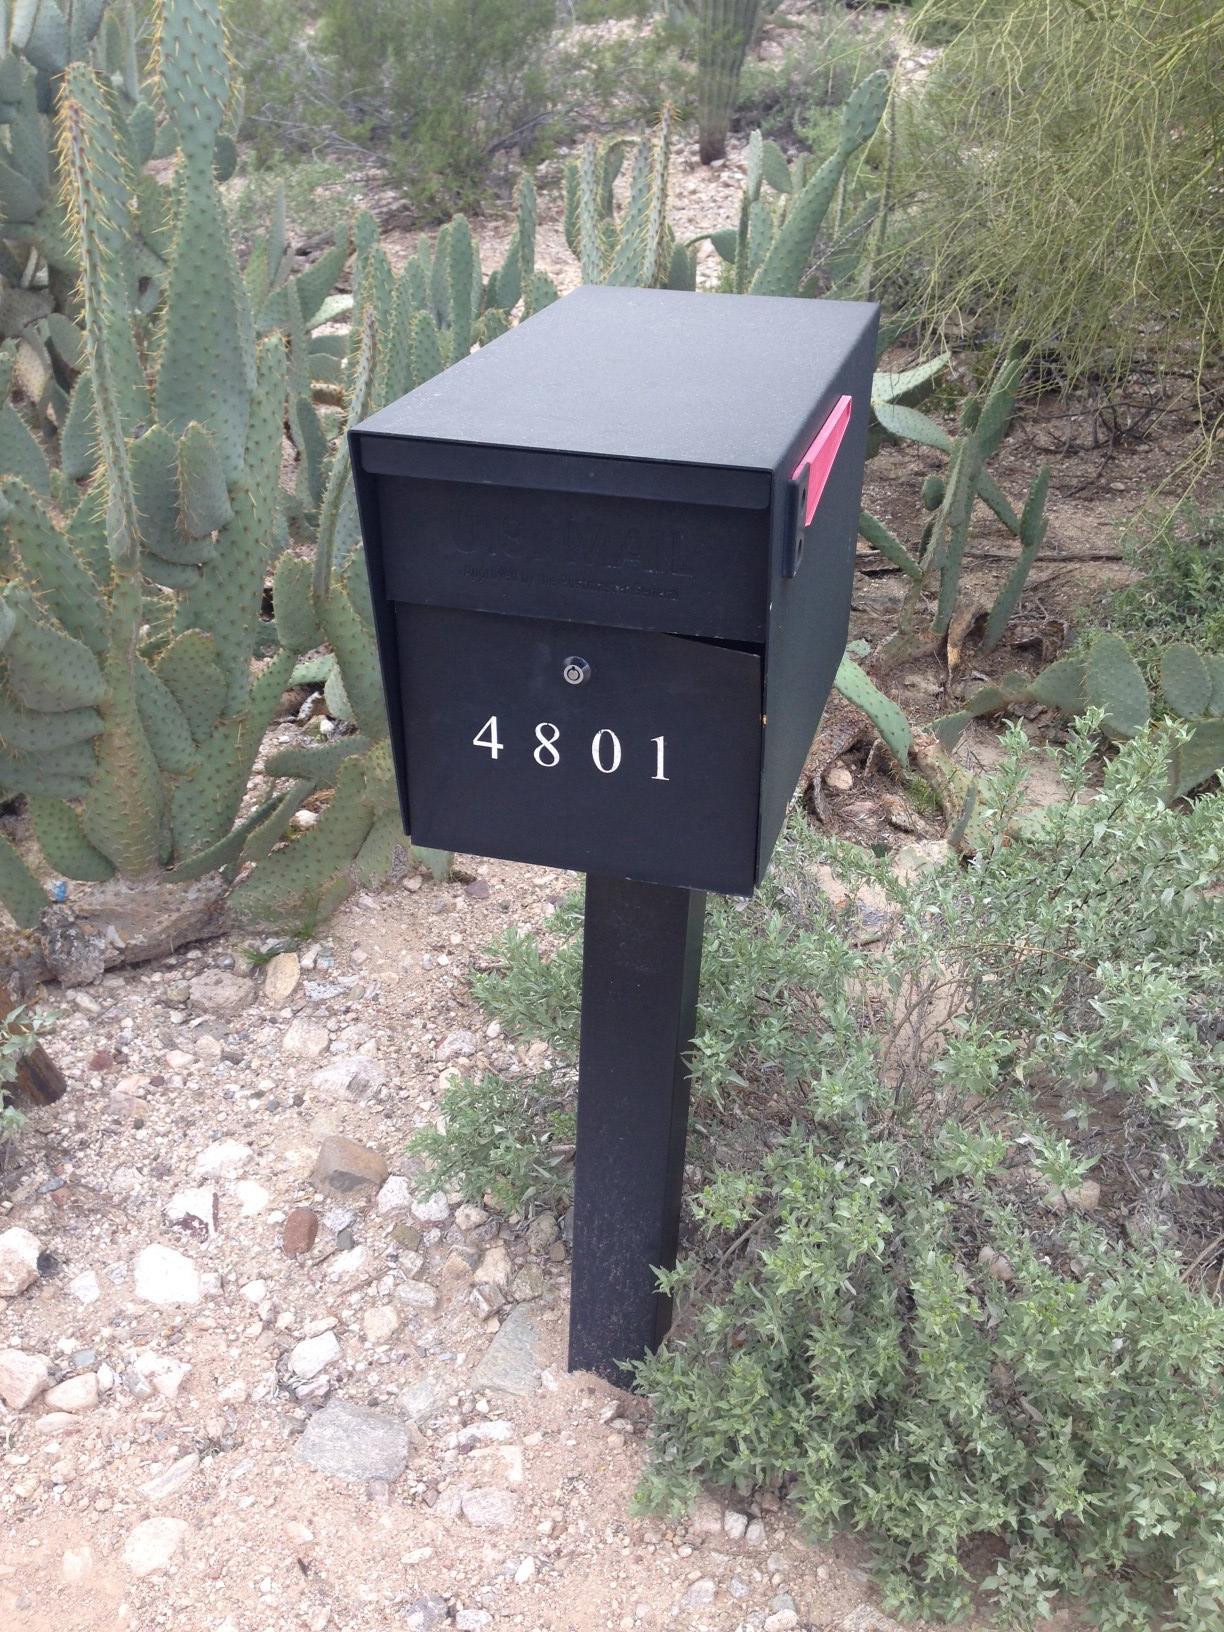 Locking Mailbox MailBoss Prying Tuscon